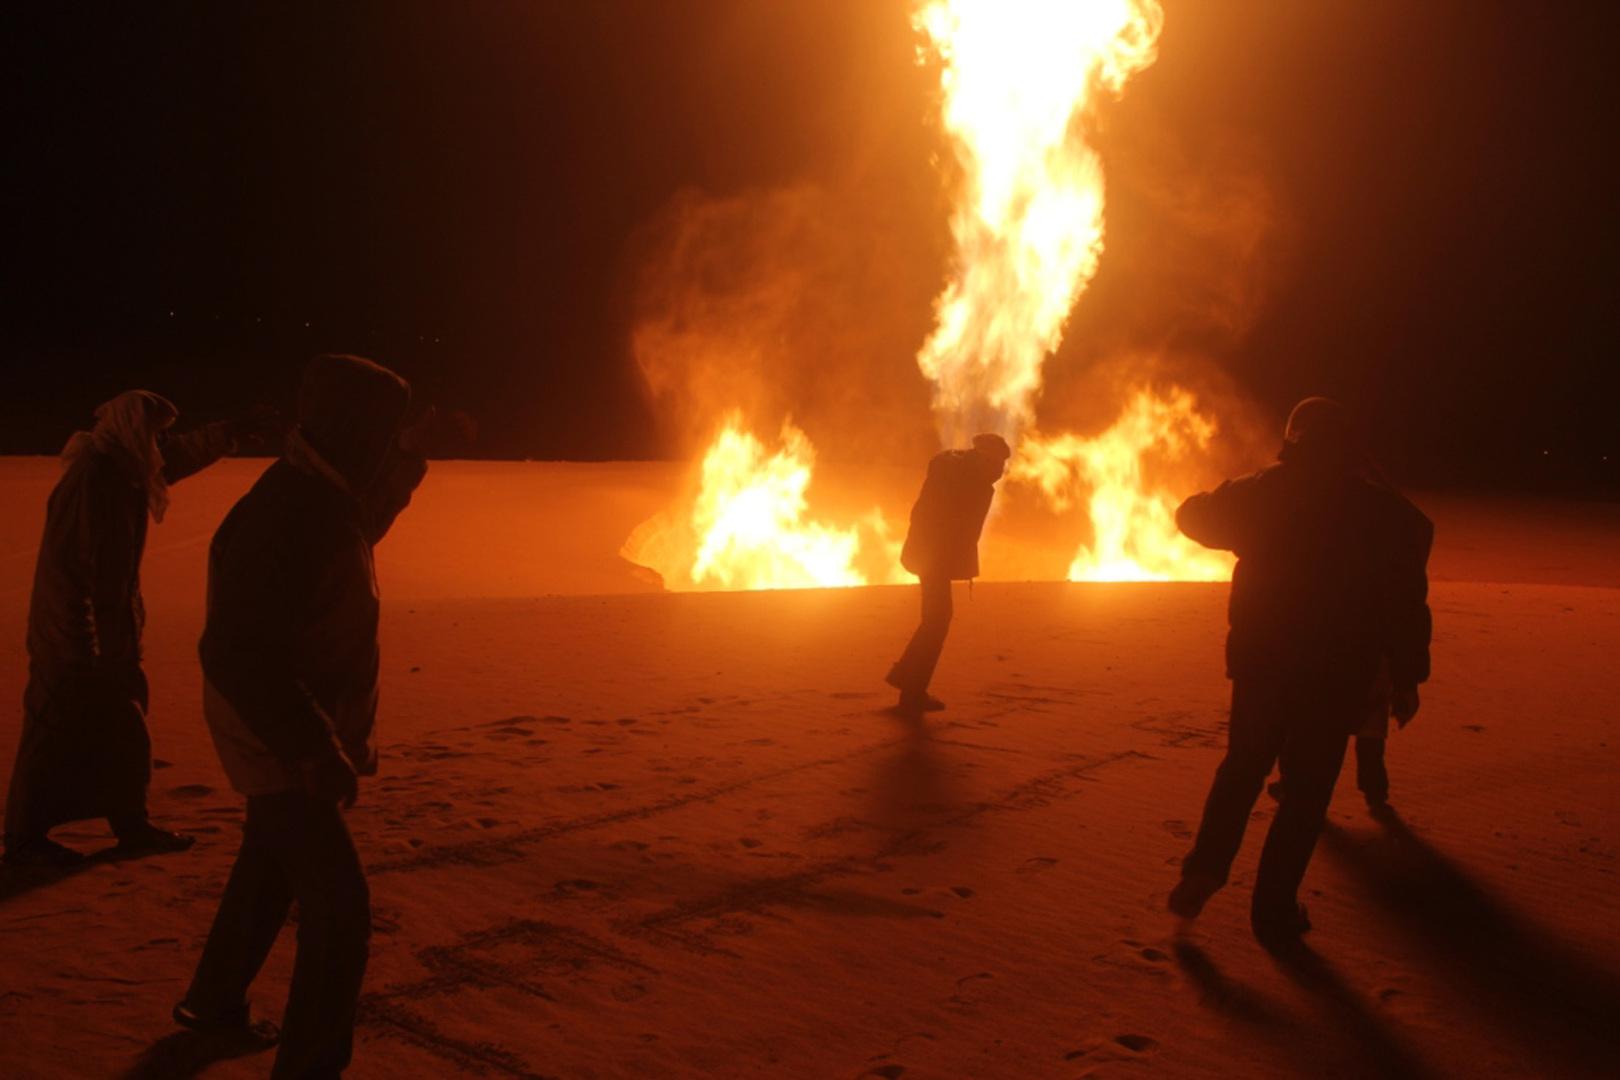 تفجير أنبوب للغاز في شمال سيناء بمصر